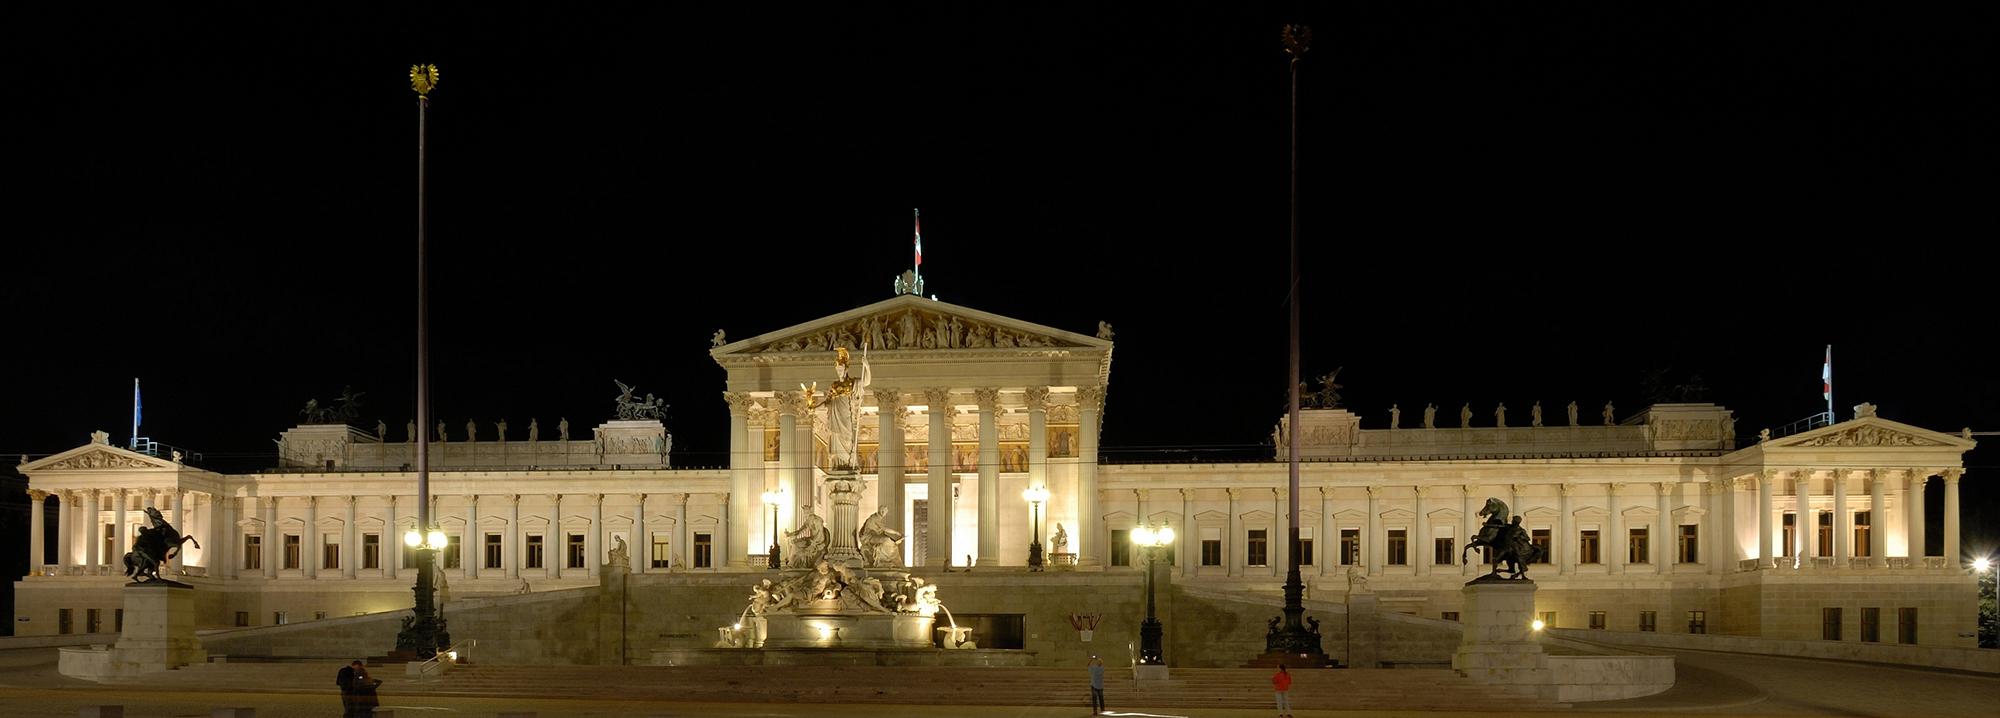 Das Parlament bei Nacht